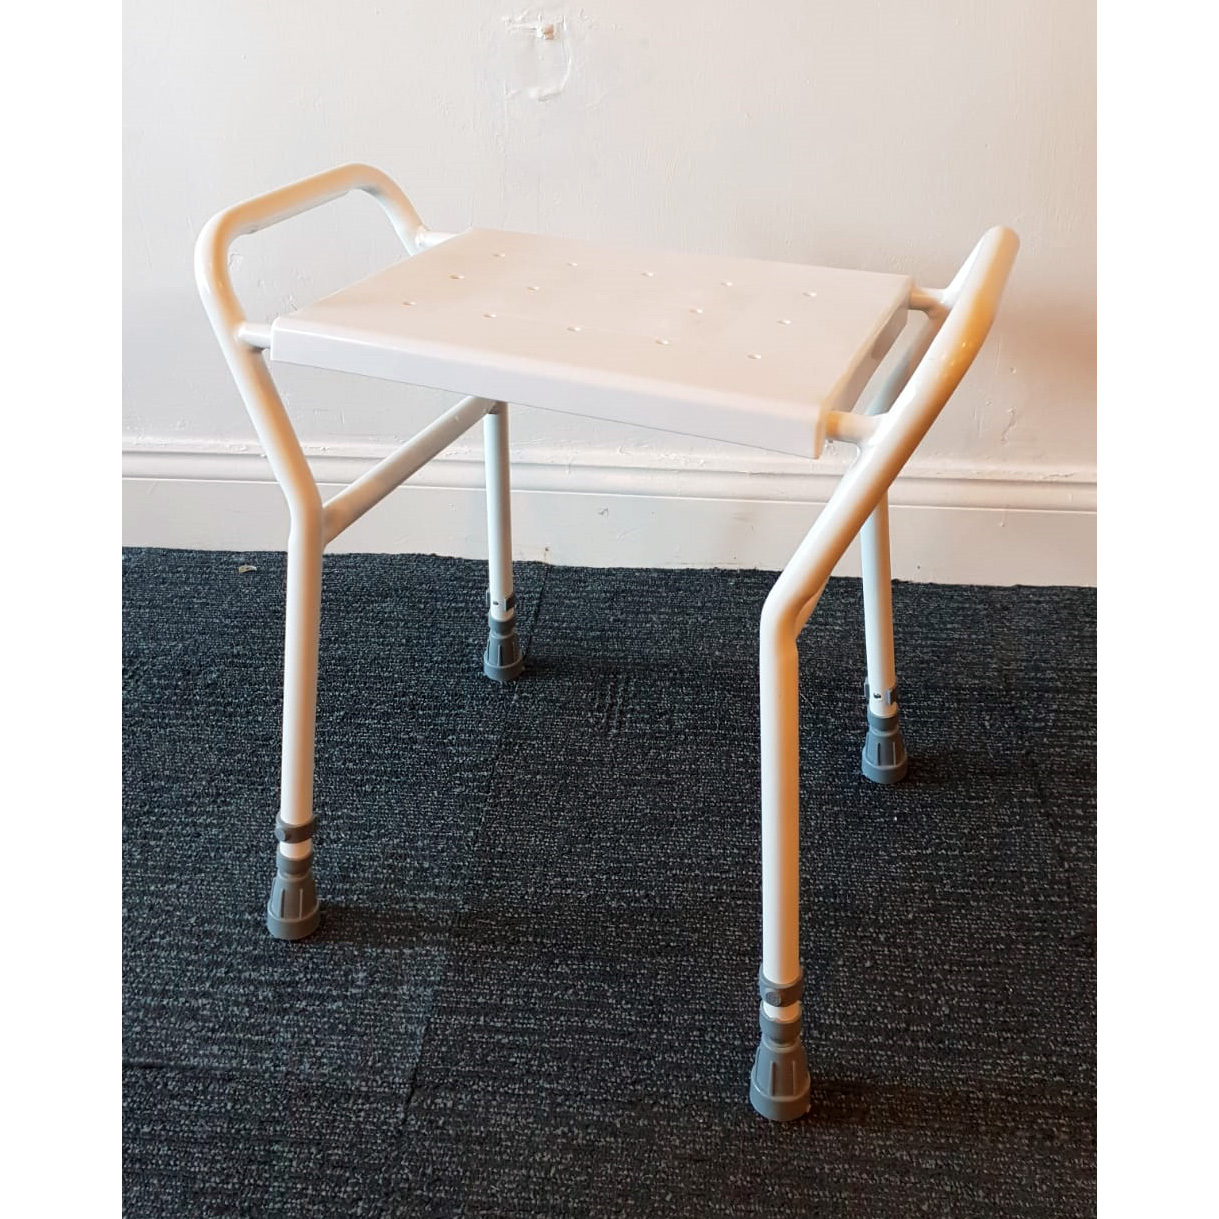 s_2018_11_03-shower-stool